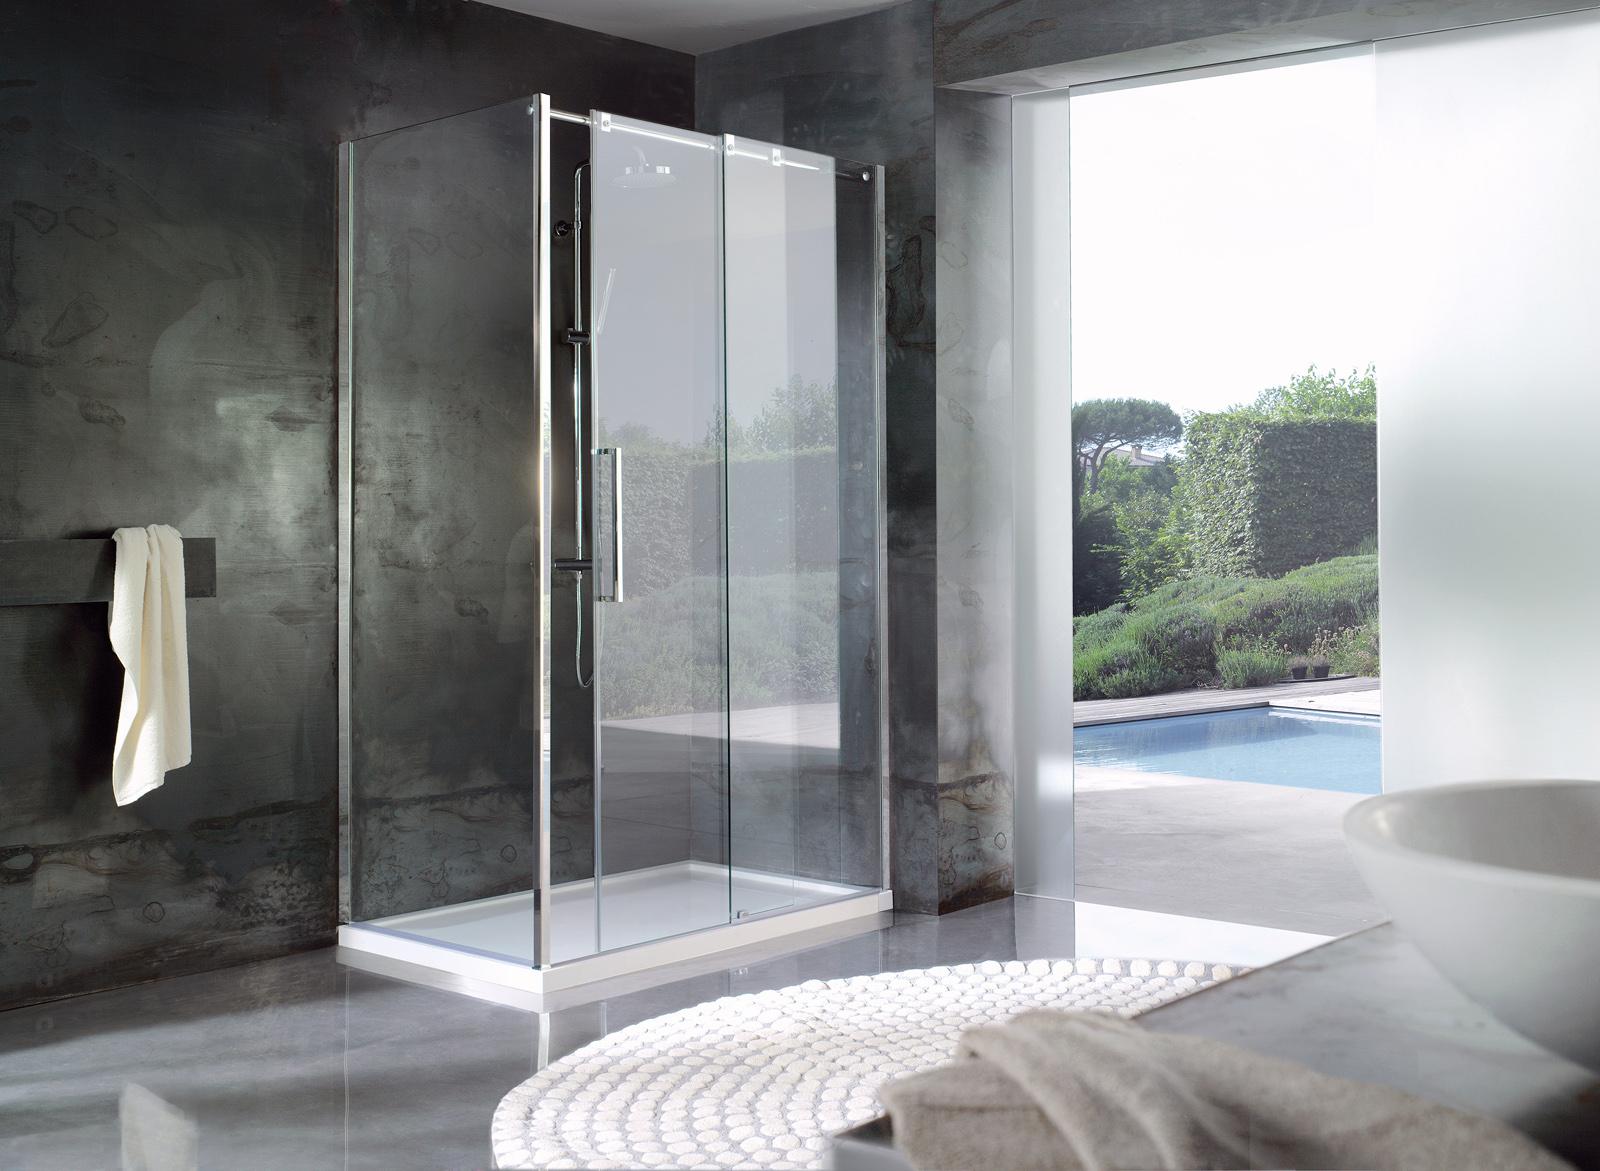 Soluzioni con pareti doccia in cristallo e piatti doccia di grandi dimensioni...